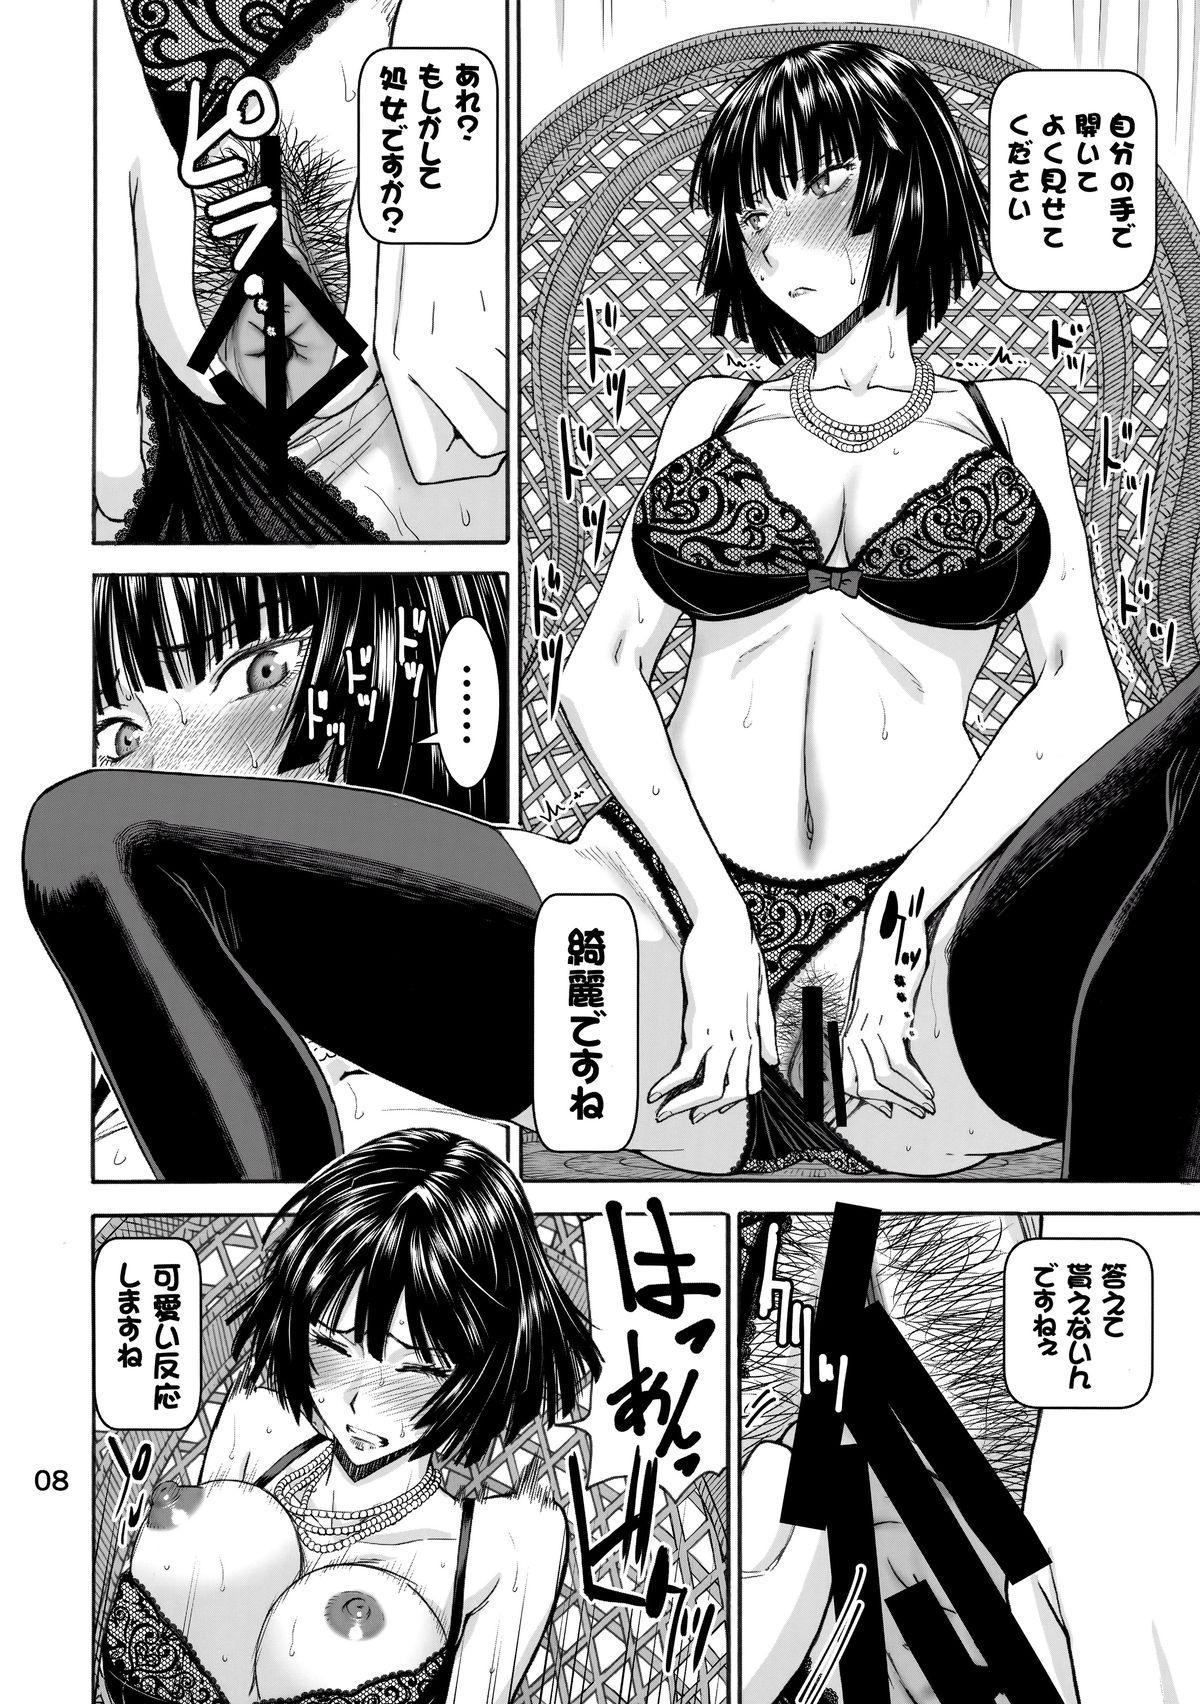 (C89) [High Thrust (Inomaru)] Geneki B-kyuu 1-i Hero Jigoku no Fubuki AV Debut!! (One Punch Man) 7